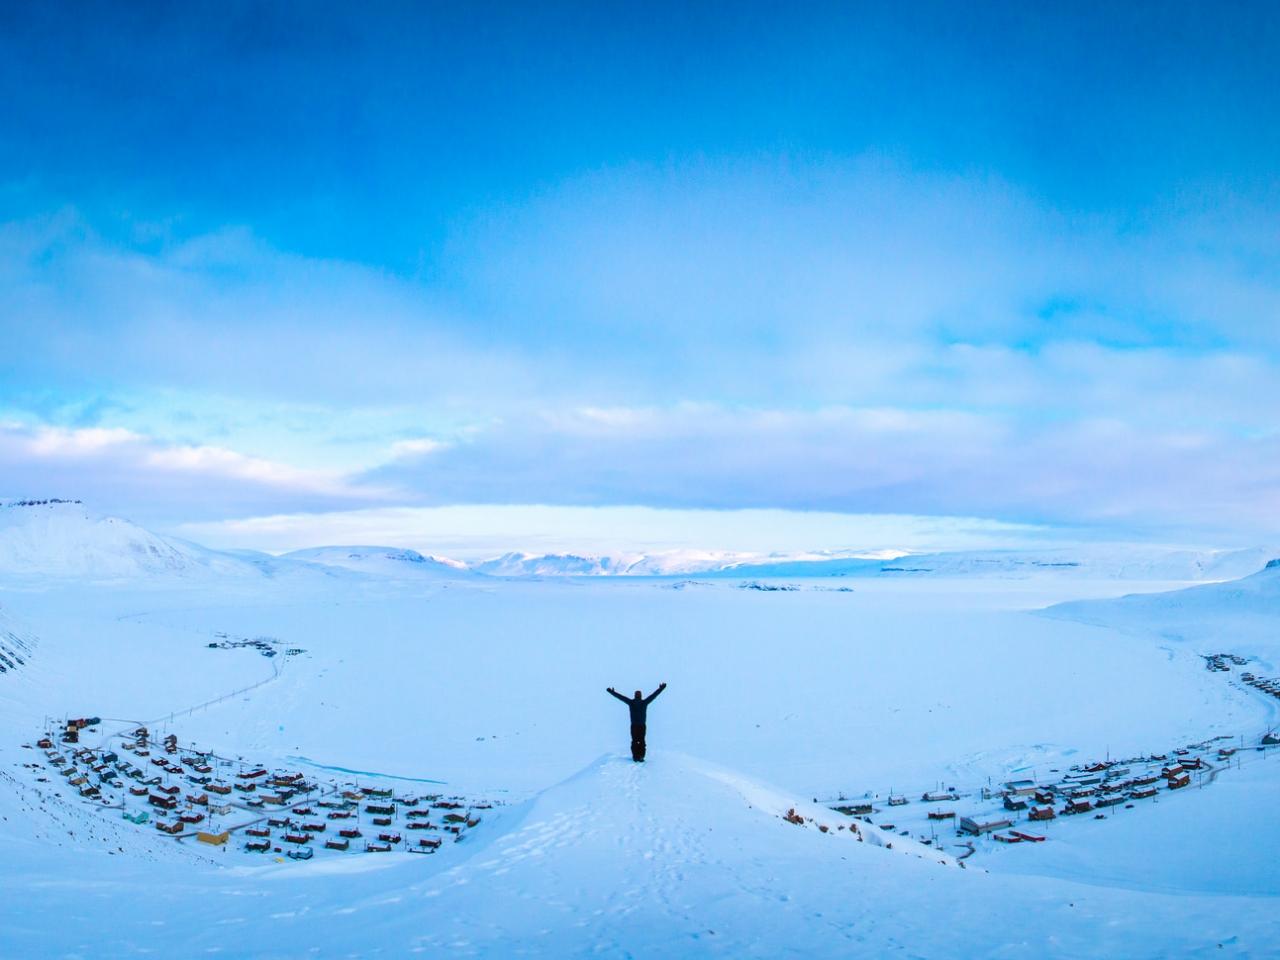 Hombre en la nieve - 1280x960